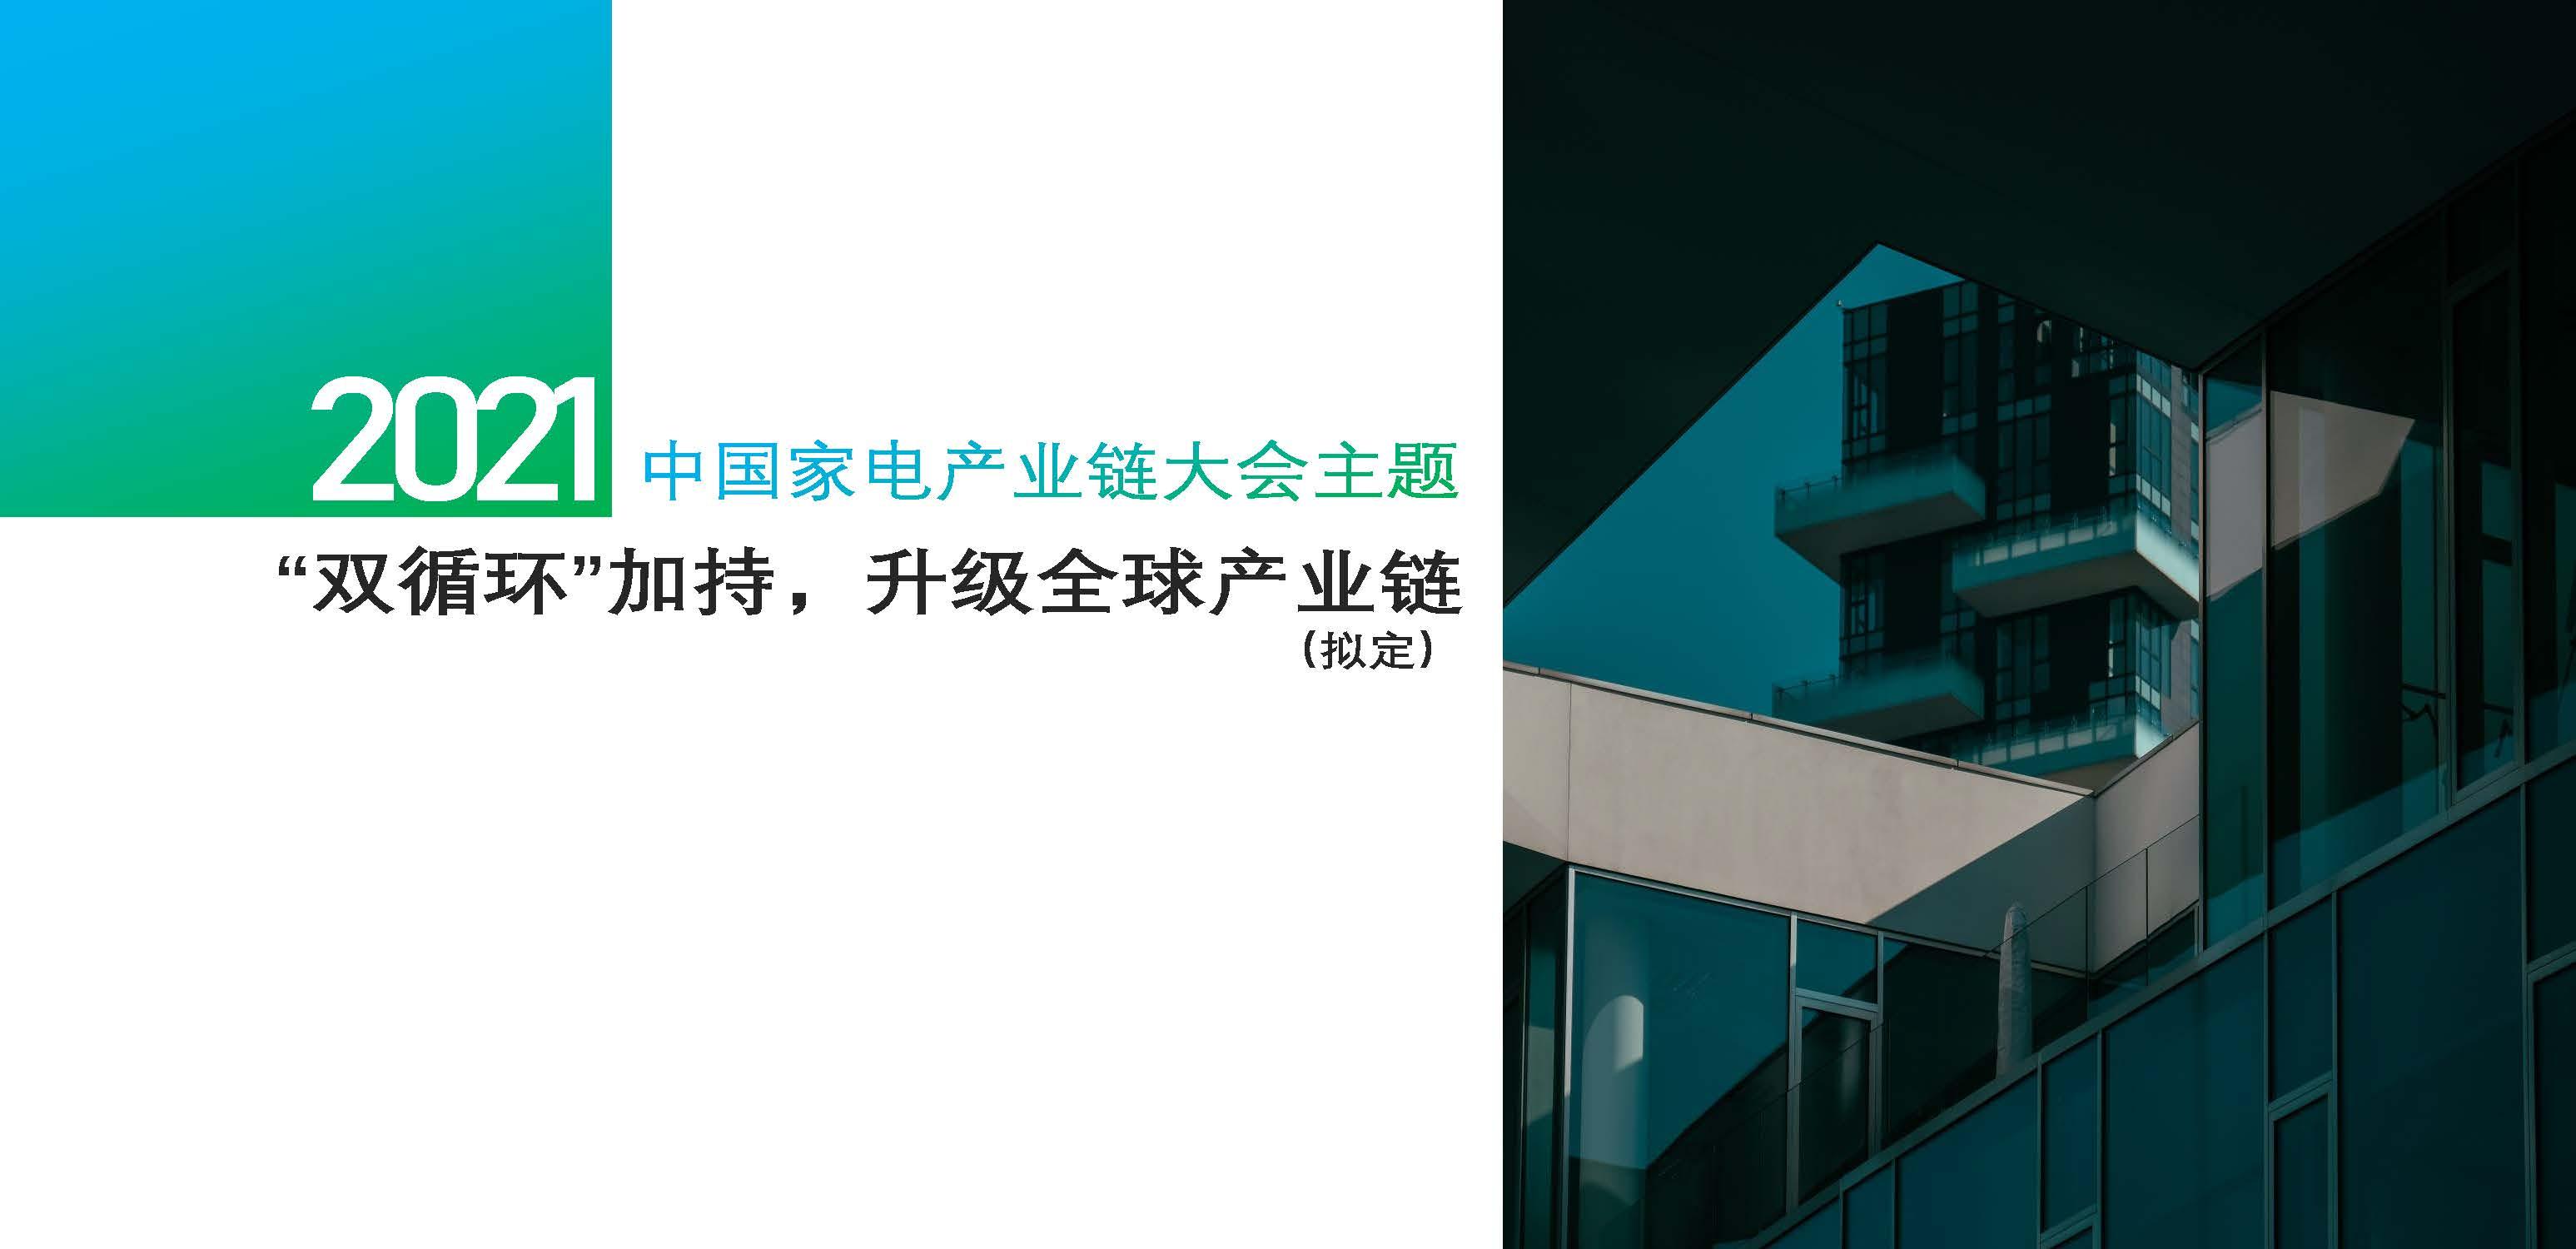 2021产业联大会方案 上交!_页面_07.jpg